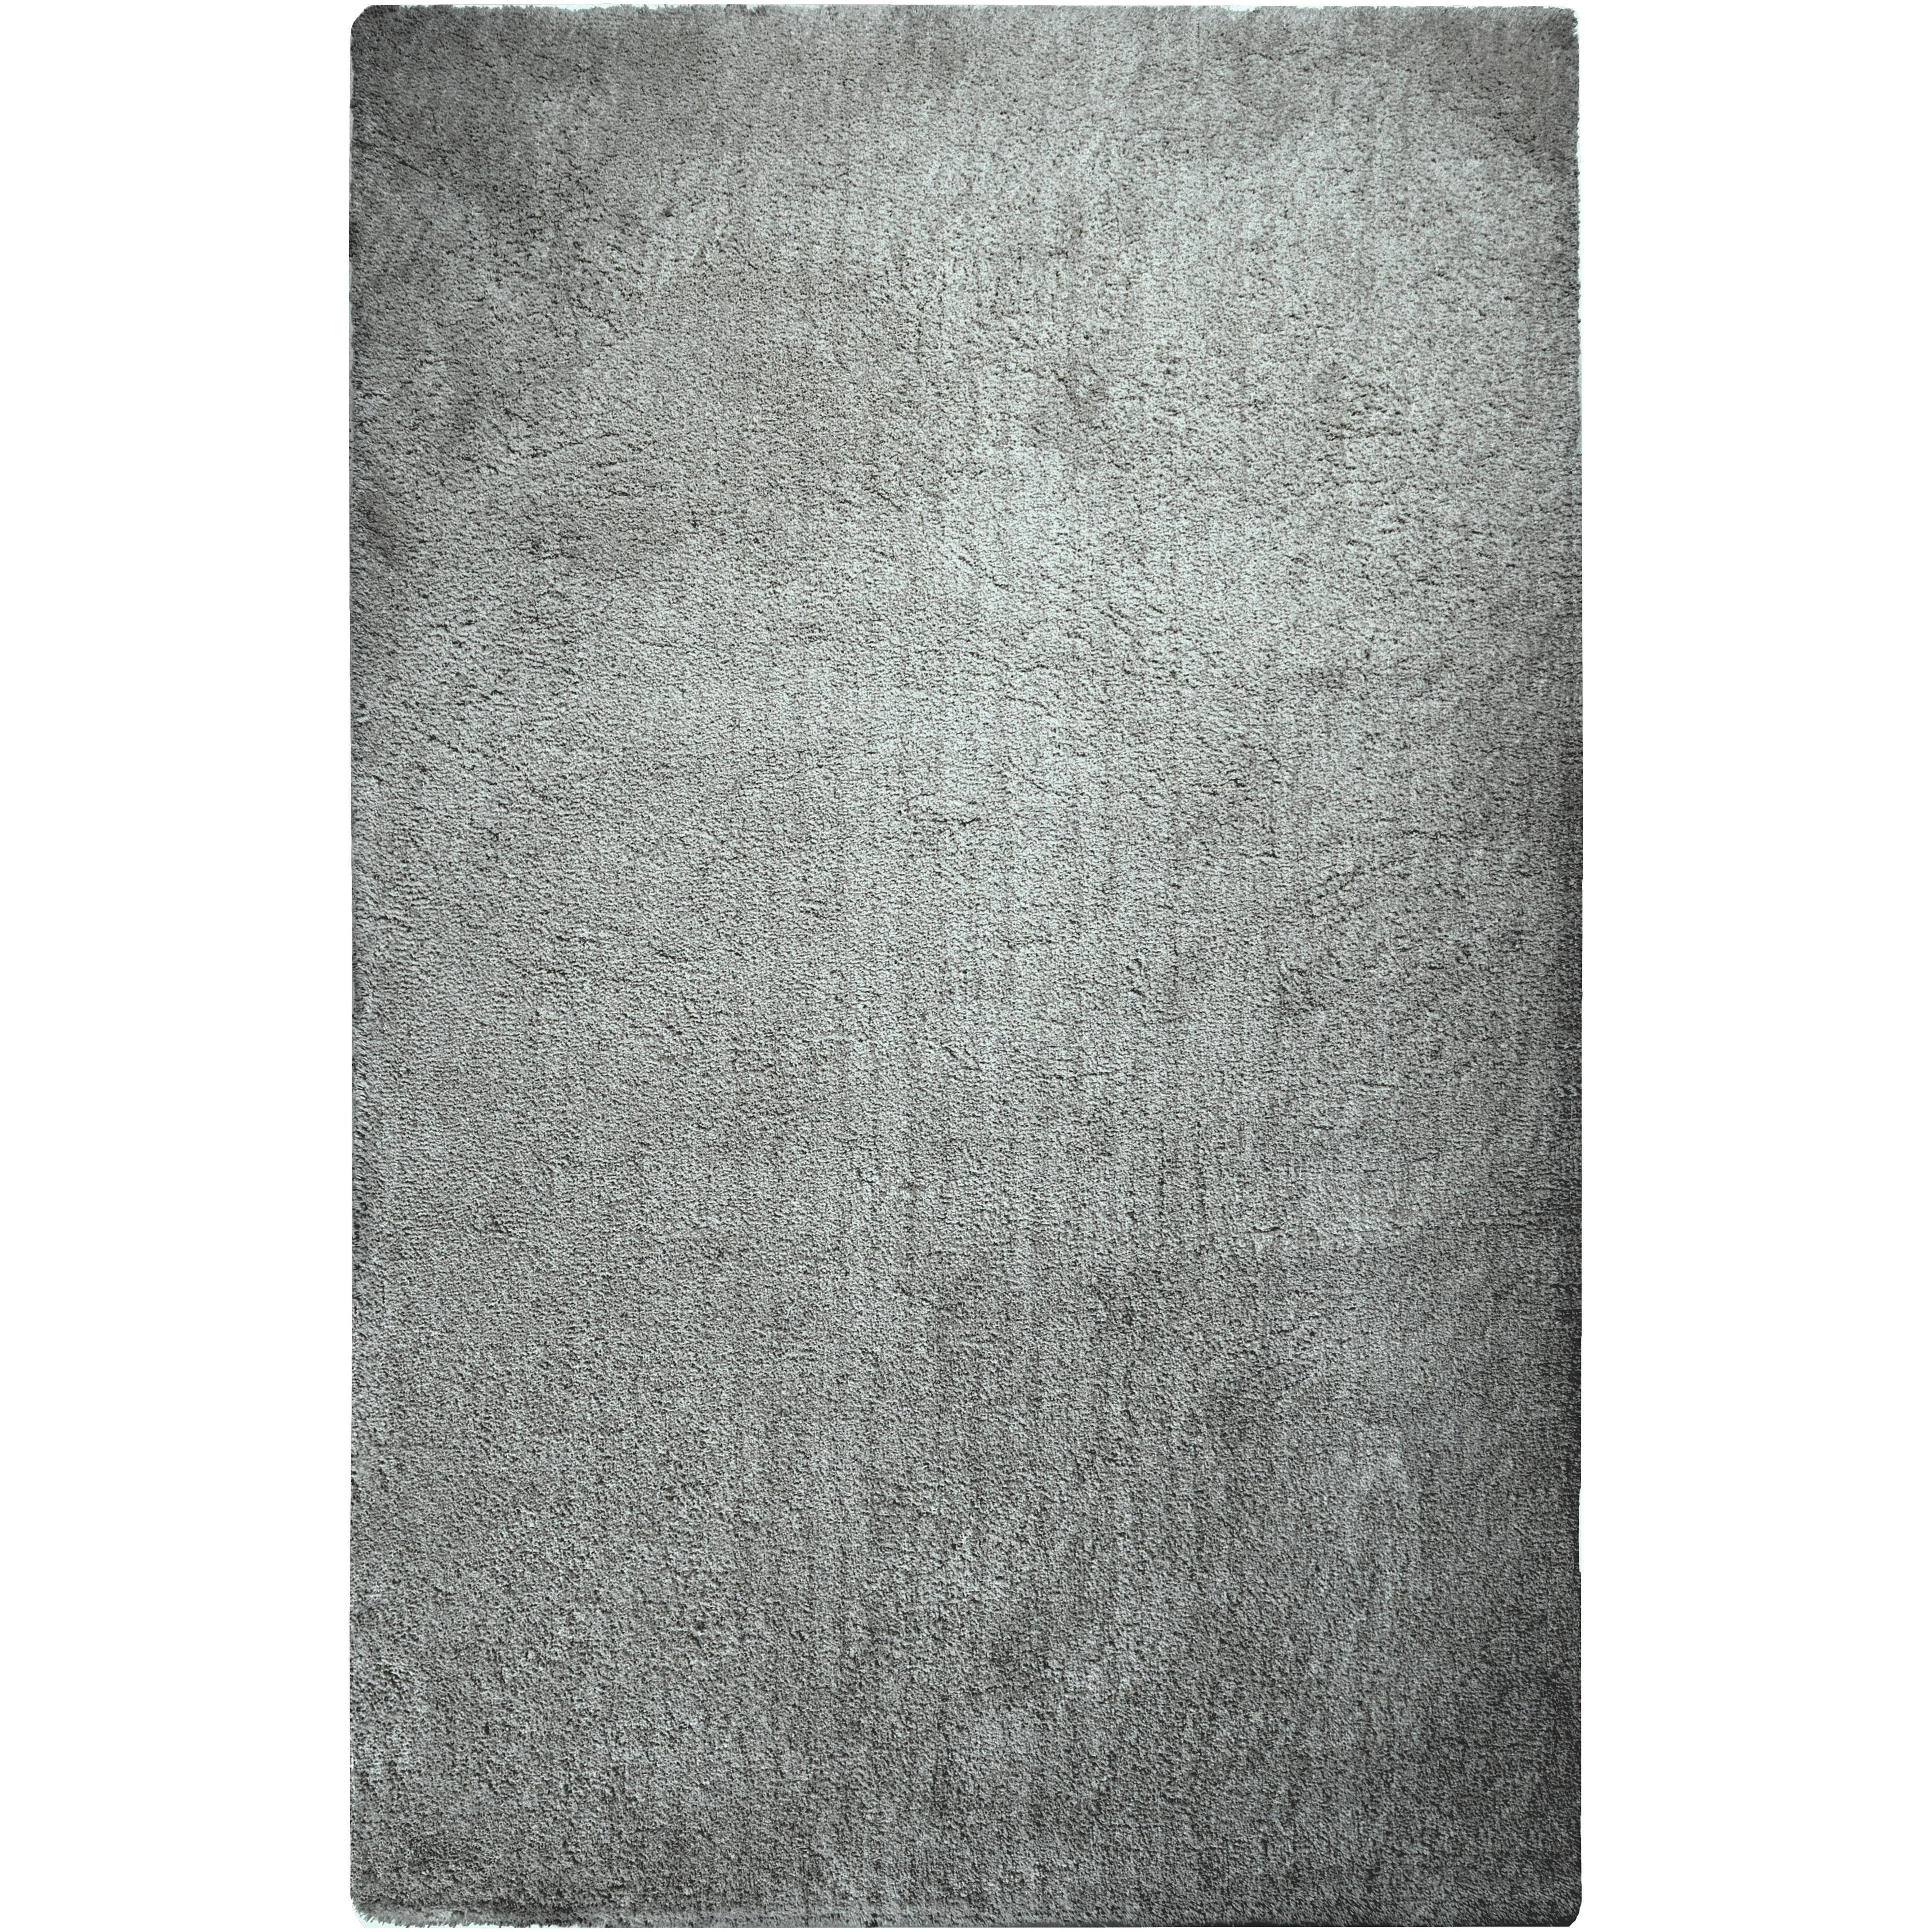 Surya Rugs Heaven 2' x 3' - Item Number: HEA8007-23